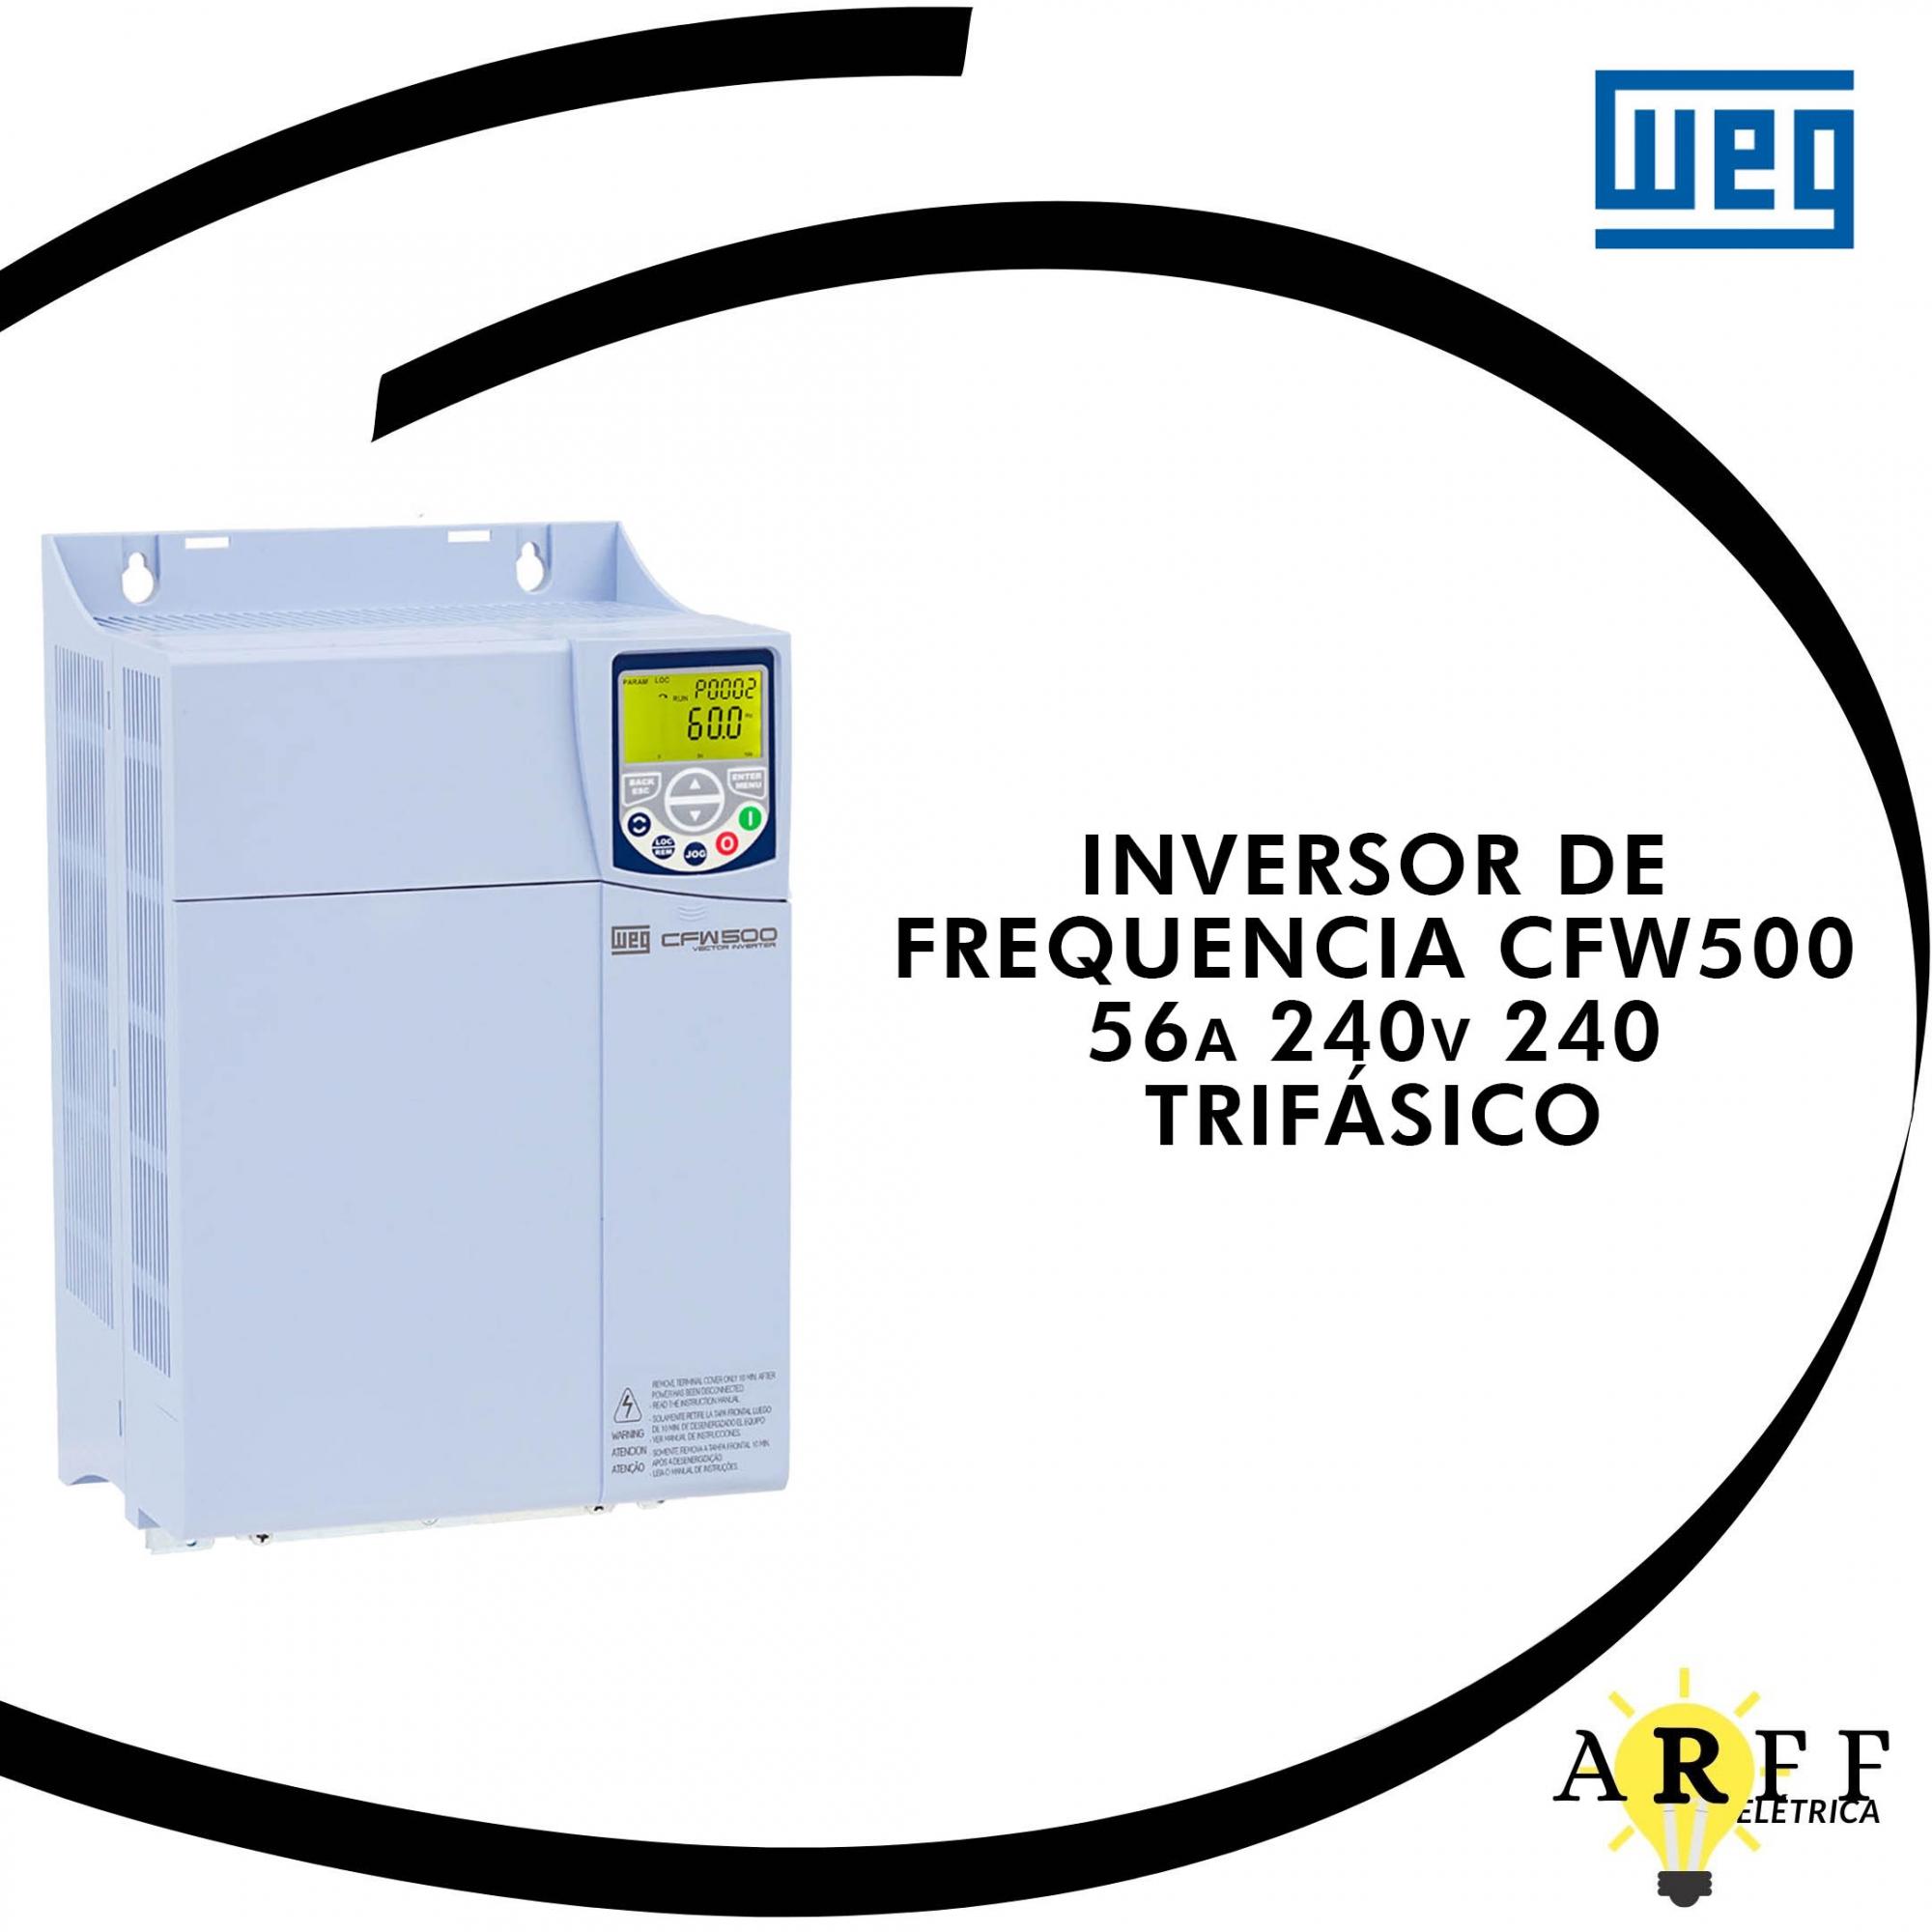 INVERSOR DE FREQUENCIA CFW500E56P0T2DB20